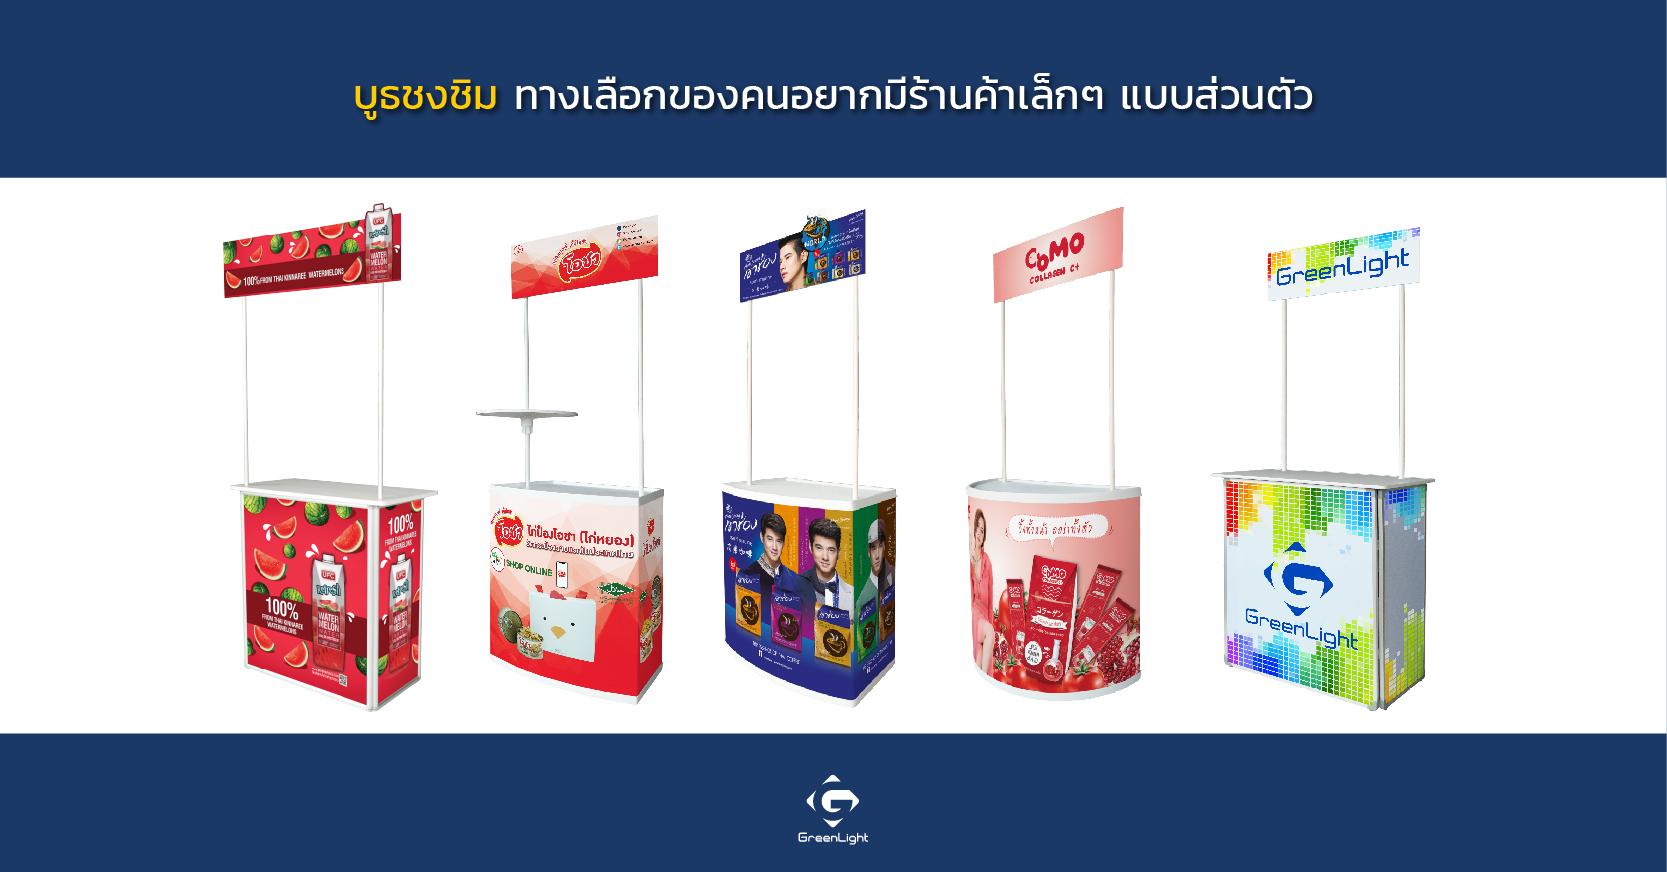 บูธชงชิม ทางเลือกของคนอยากมีร้านค้าเล็กๆ แบบส่วนตัว